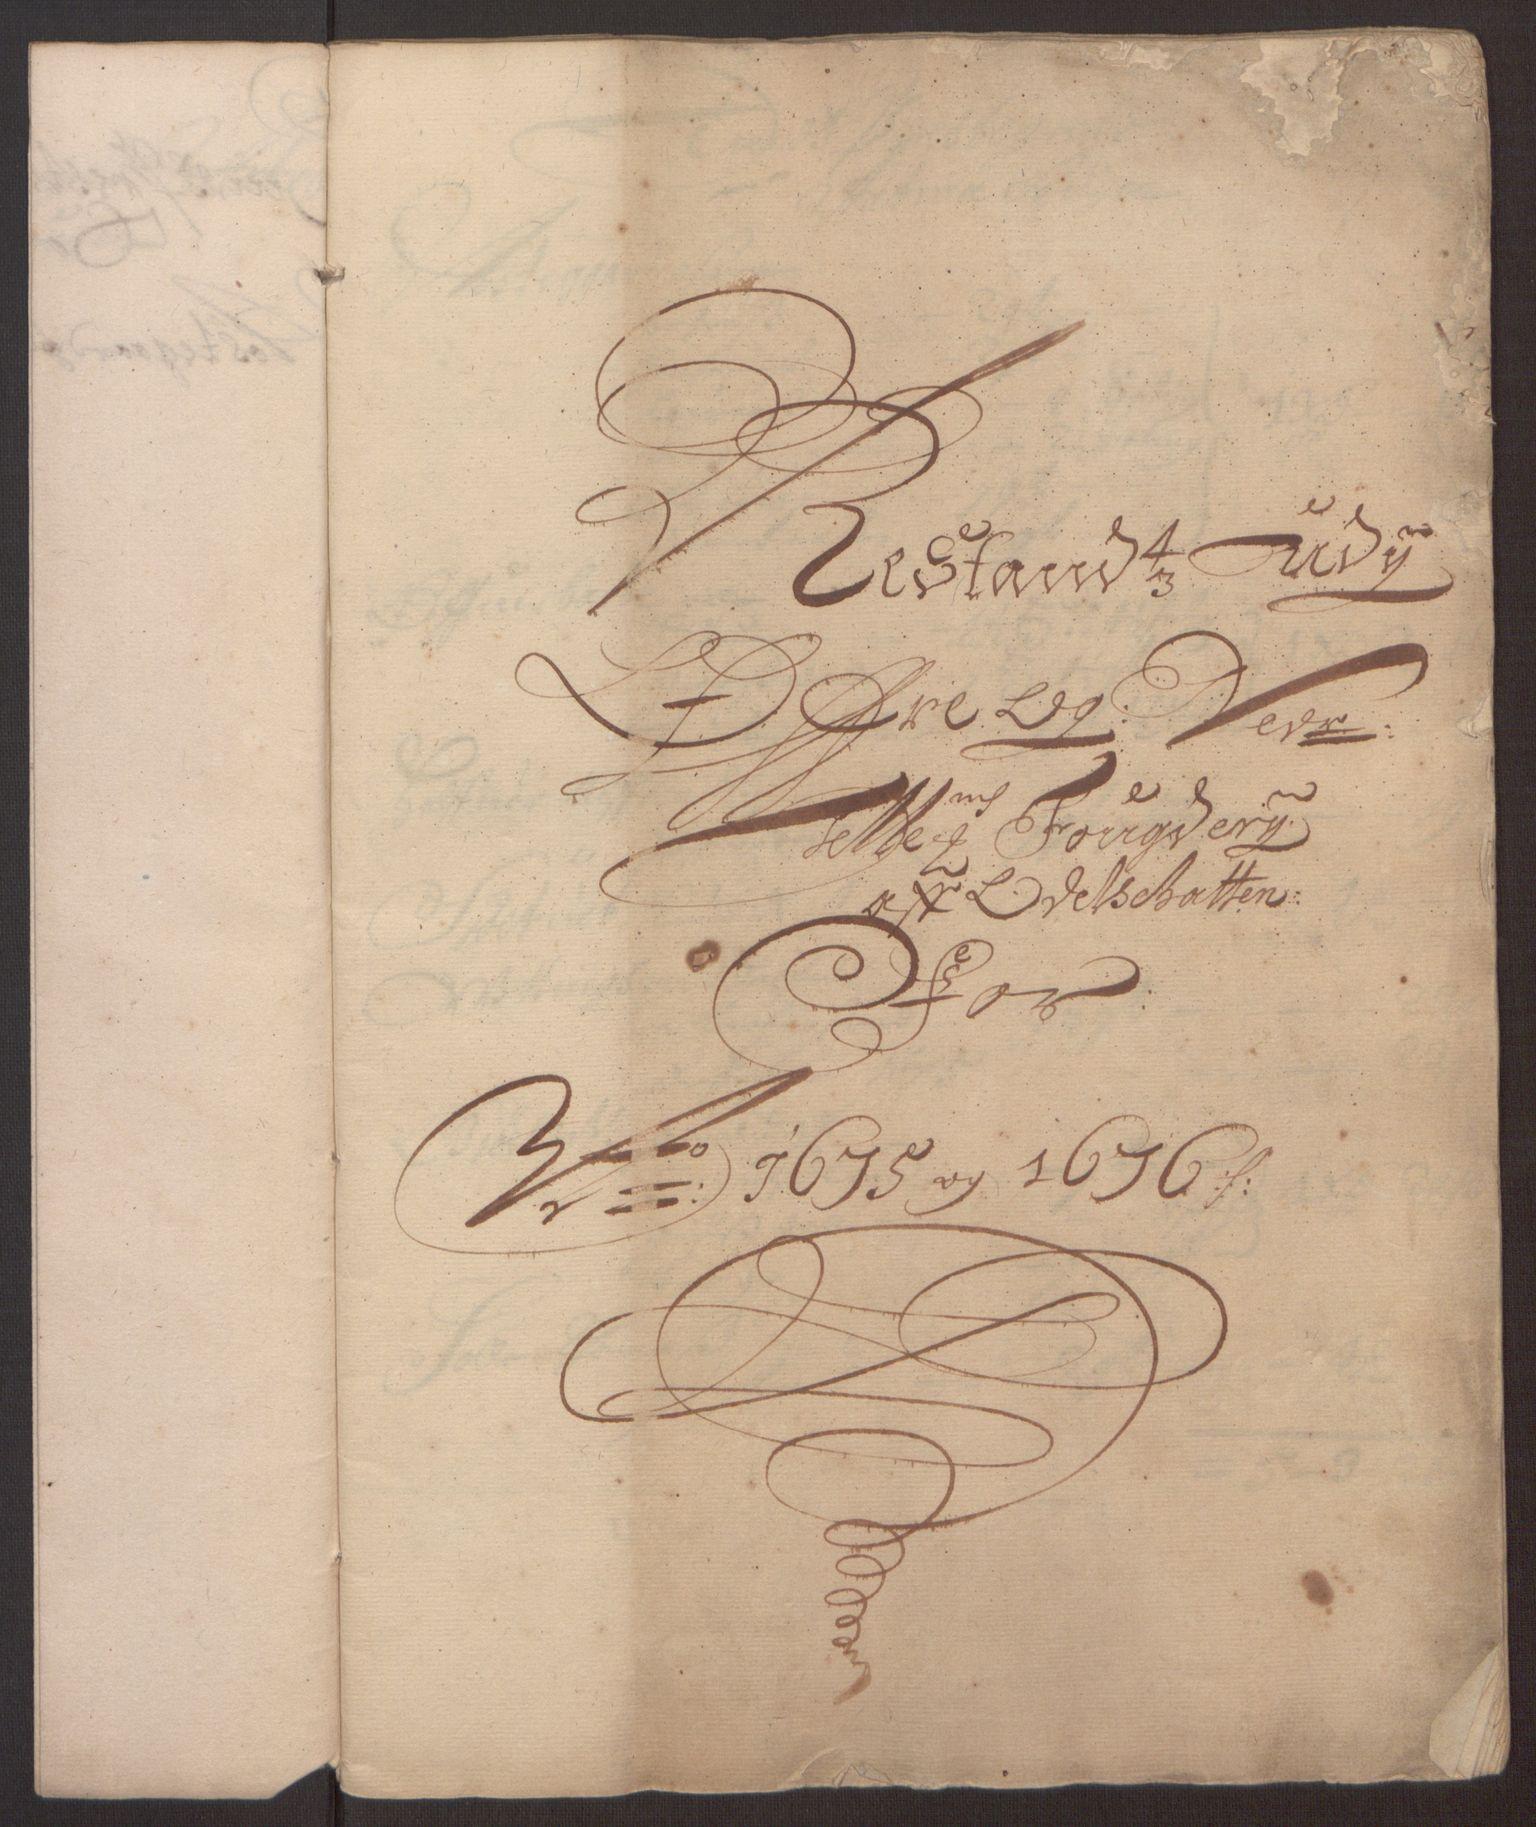 RA, Rentekammeret inntil 1814, Reviderte regnskaper, Fogderegnskap, R35/L2065: Fogderegnskap Øvre og Nedre Telemark, 1676, s. 298